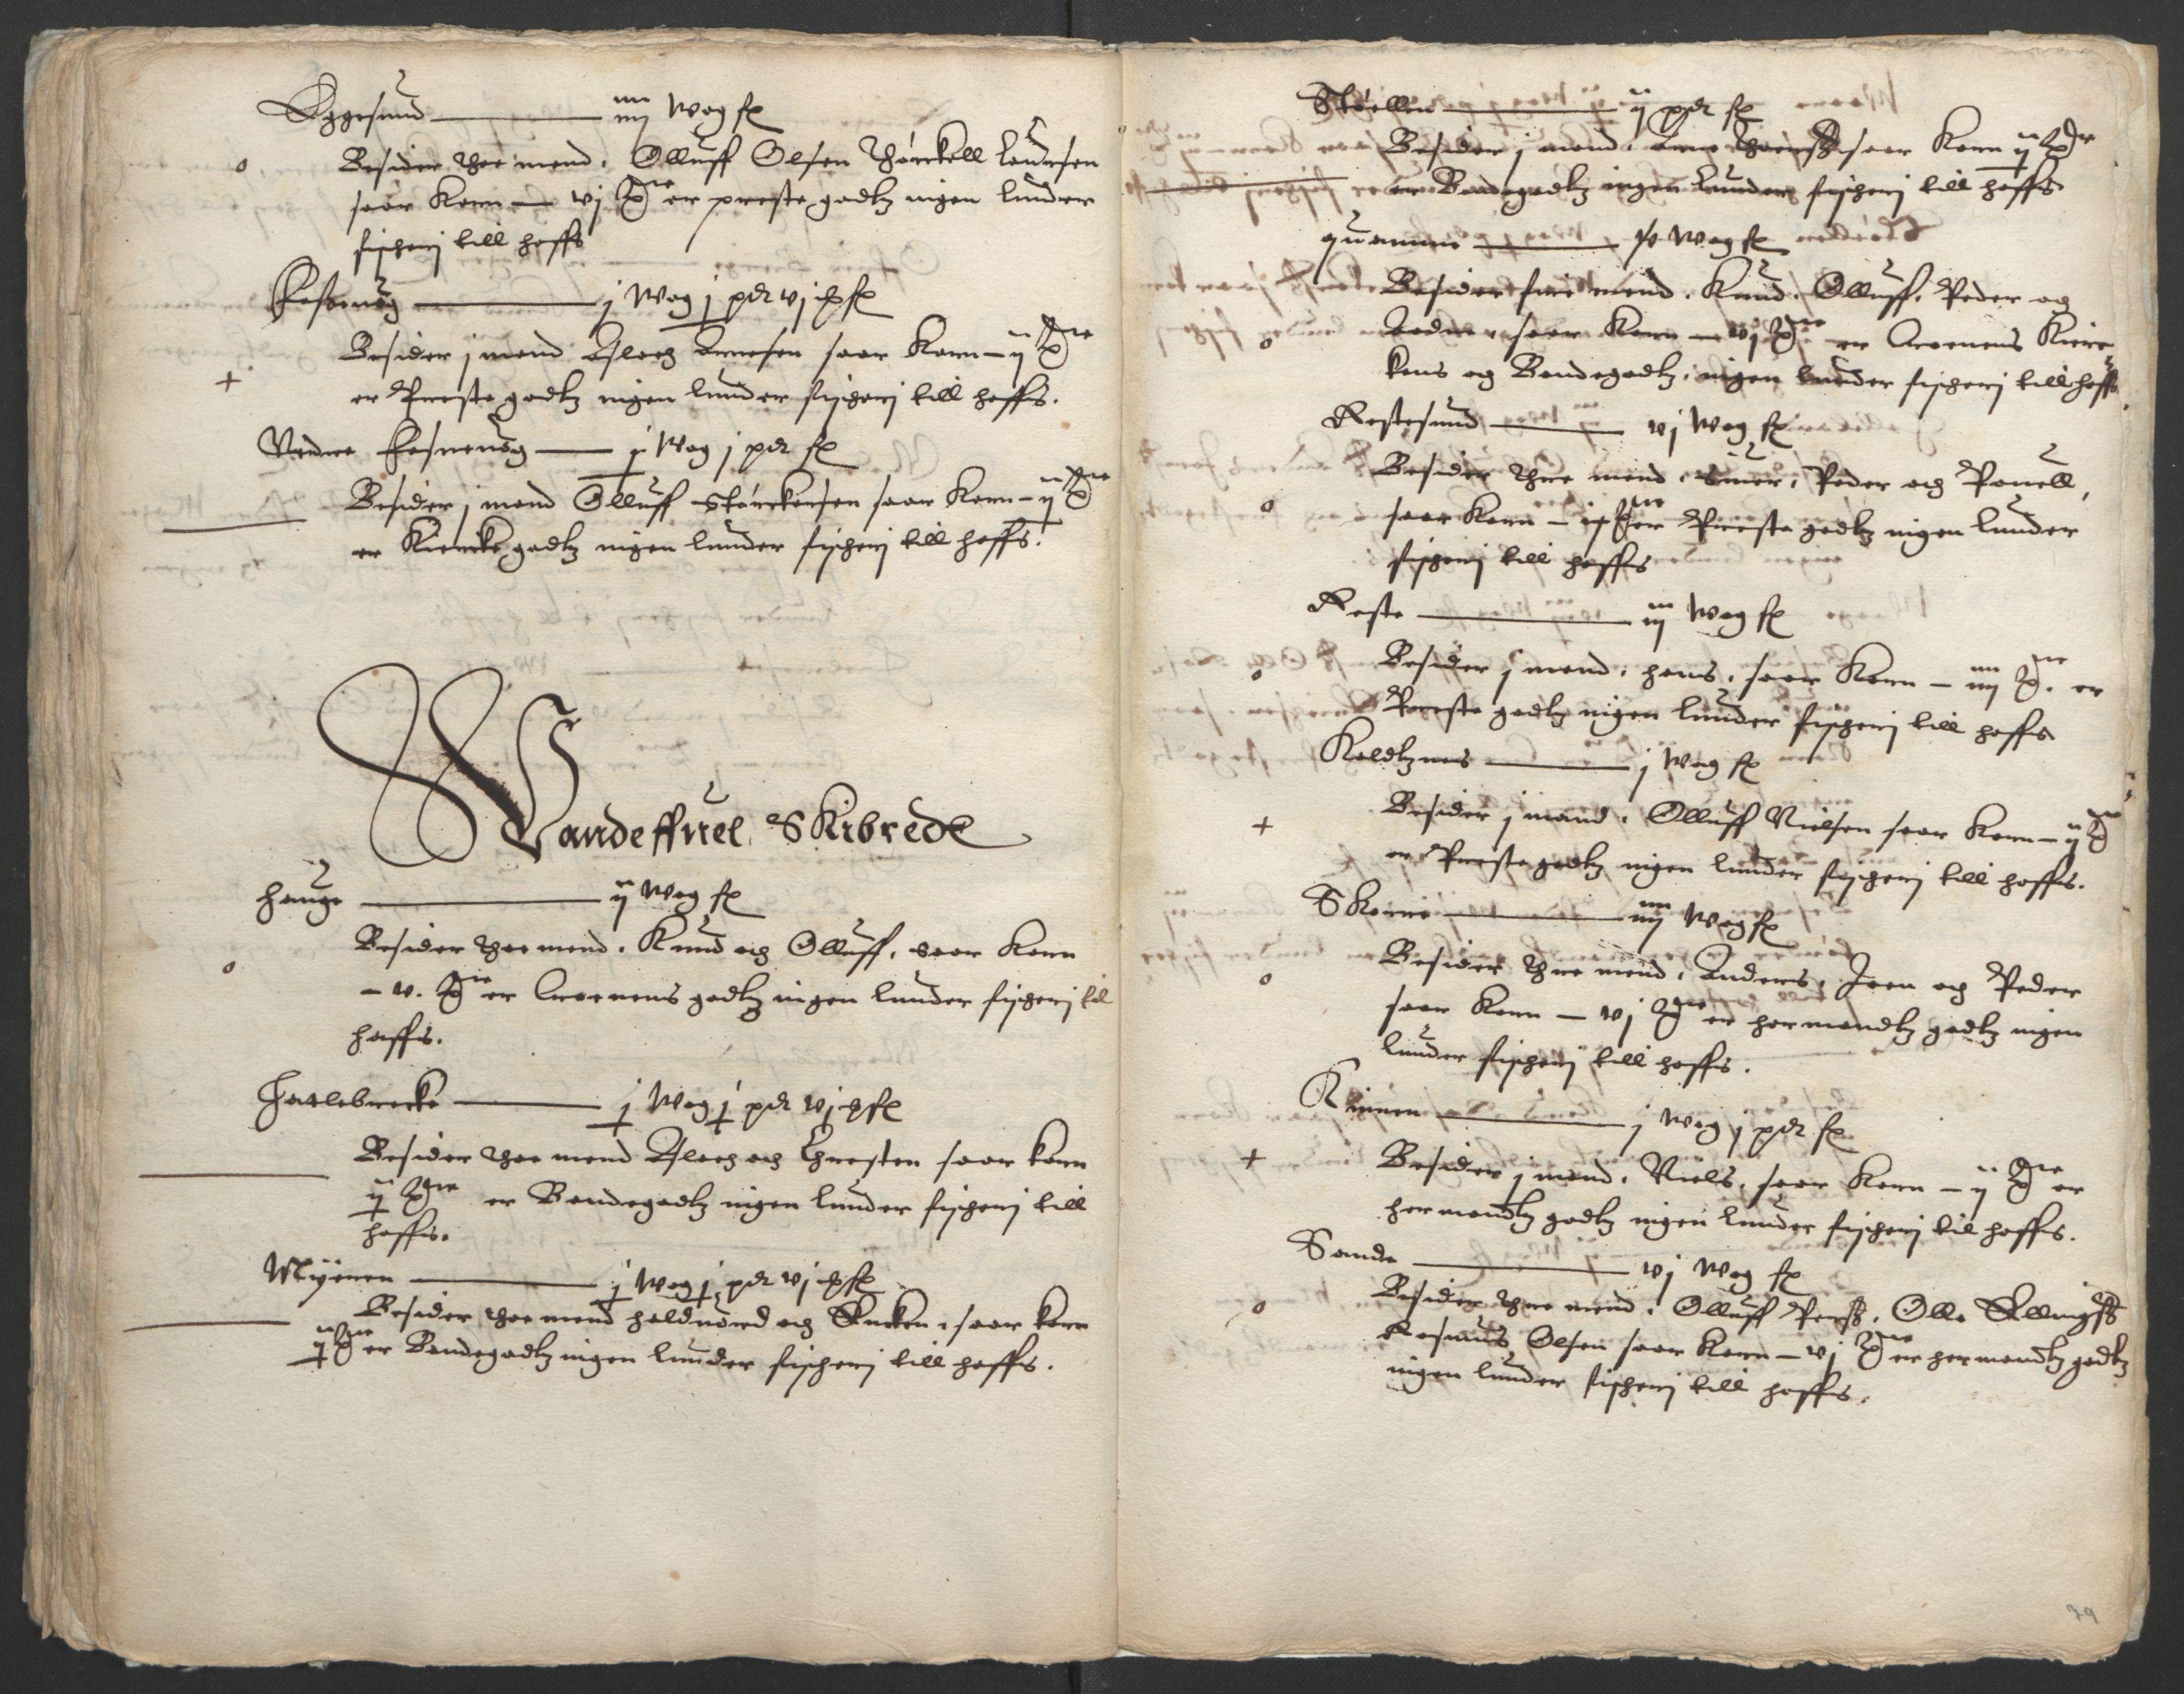 RA, Stattholderembetet 1572-1771, Ek/L0005: Jordebøker til utlikning av garnisonsskatt 1624-1626:, 1626, s. 220